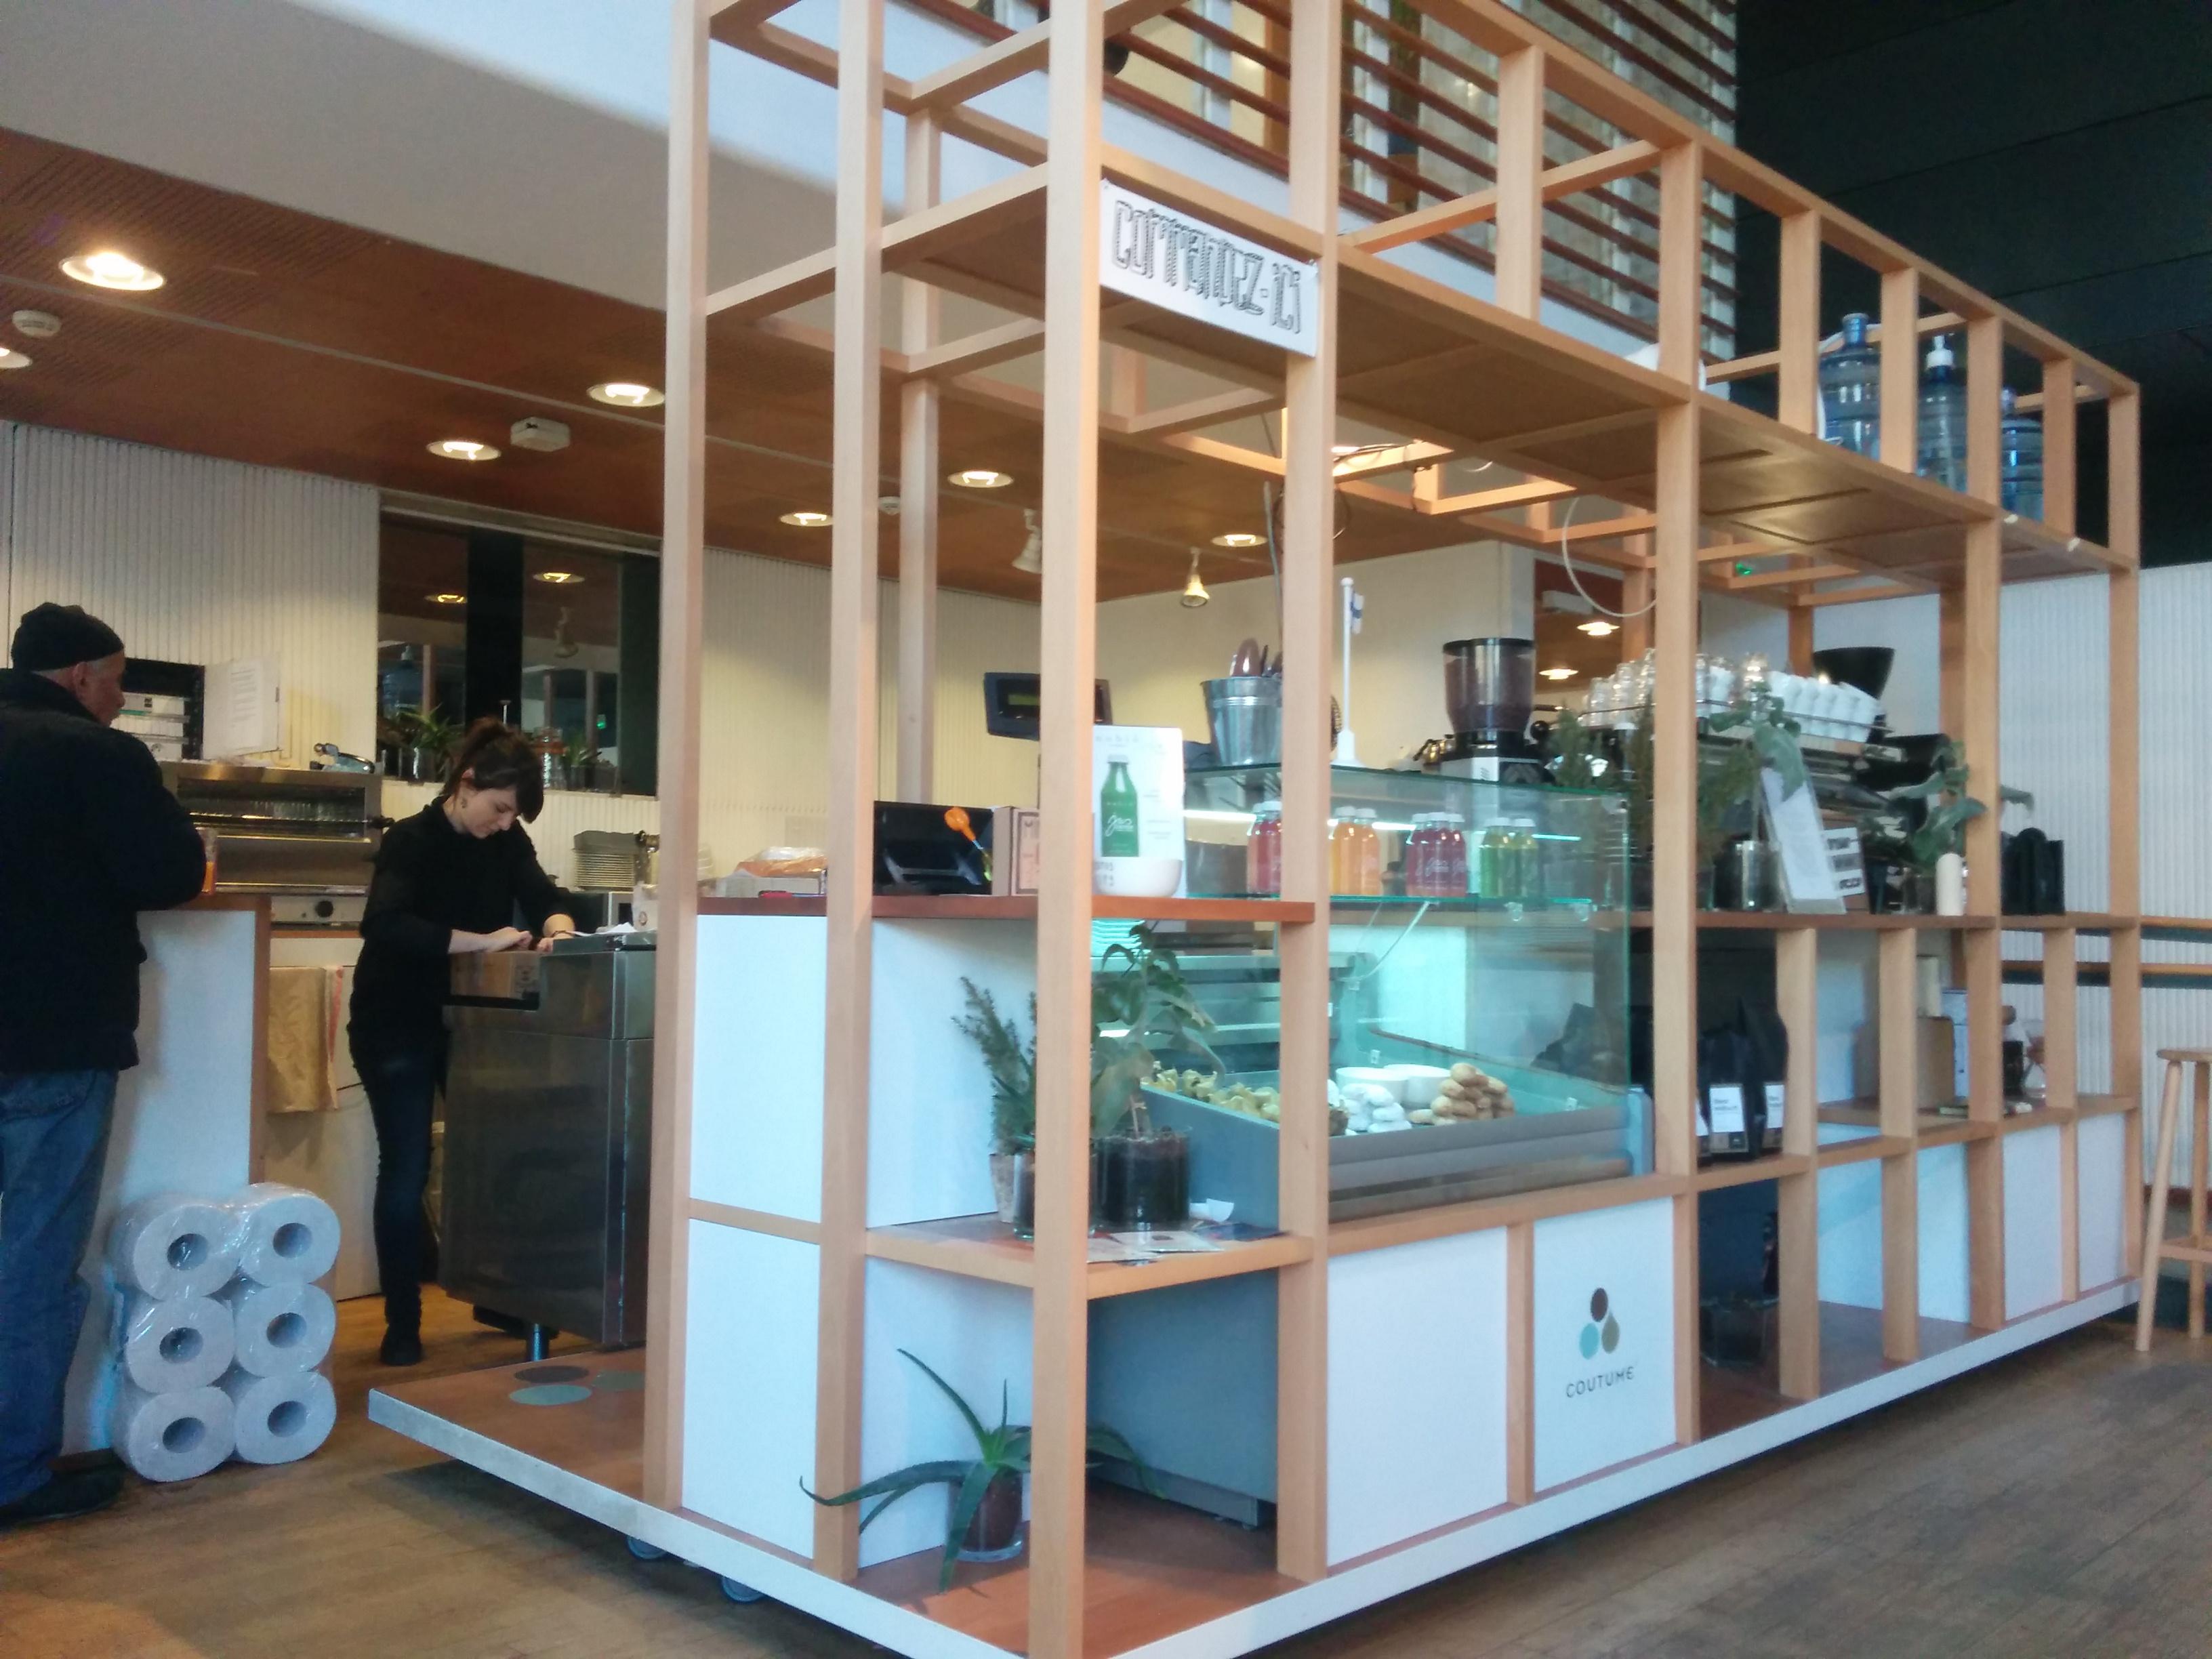 caf coutume in institut finlandais in paris. Black Bedroom Furniture Sets. Home Design Ideas